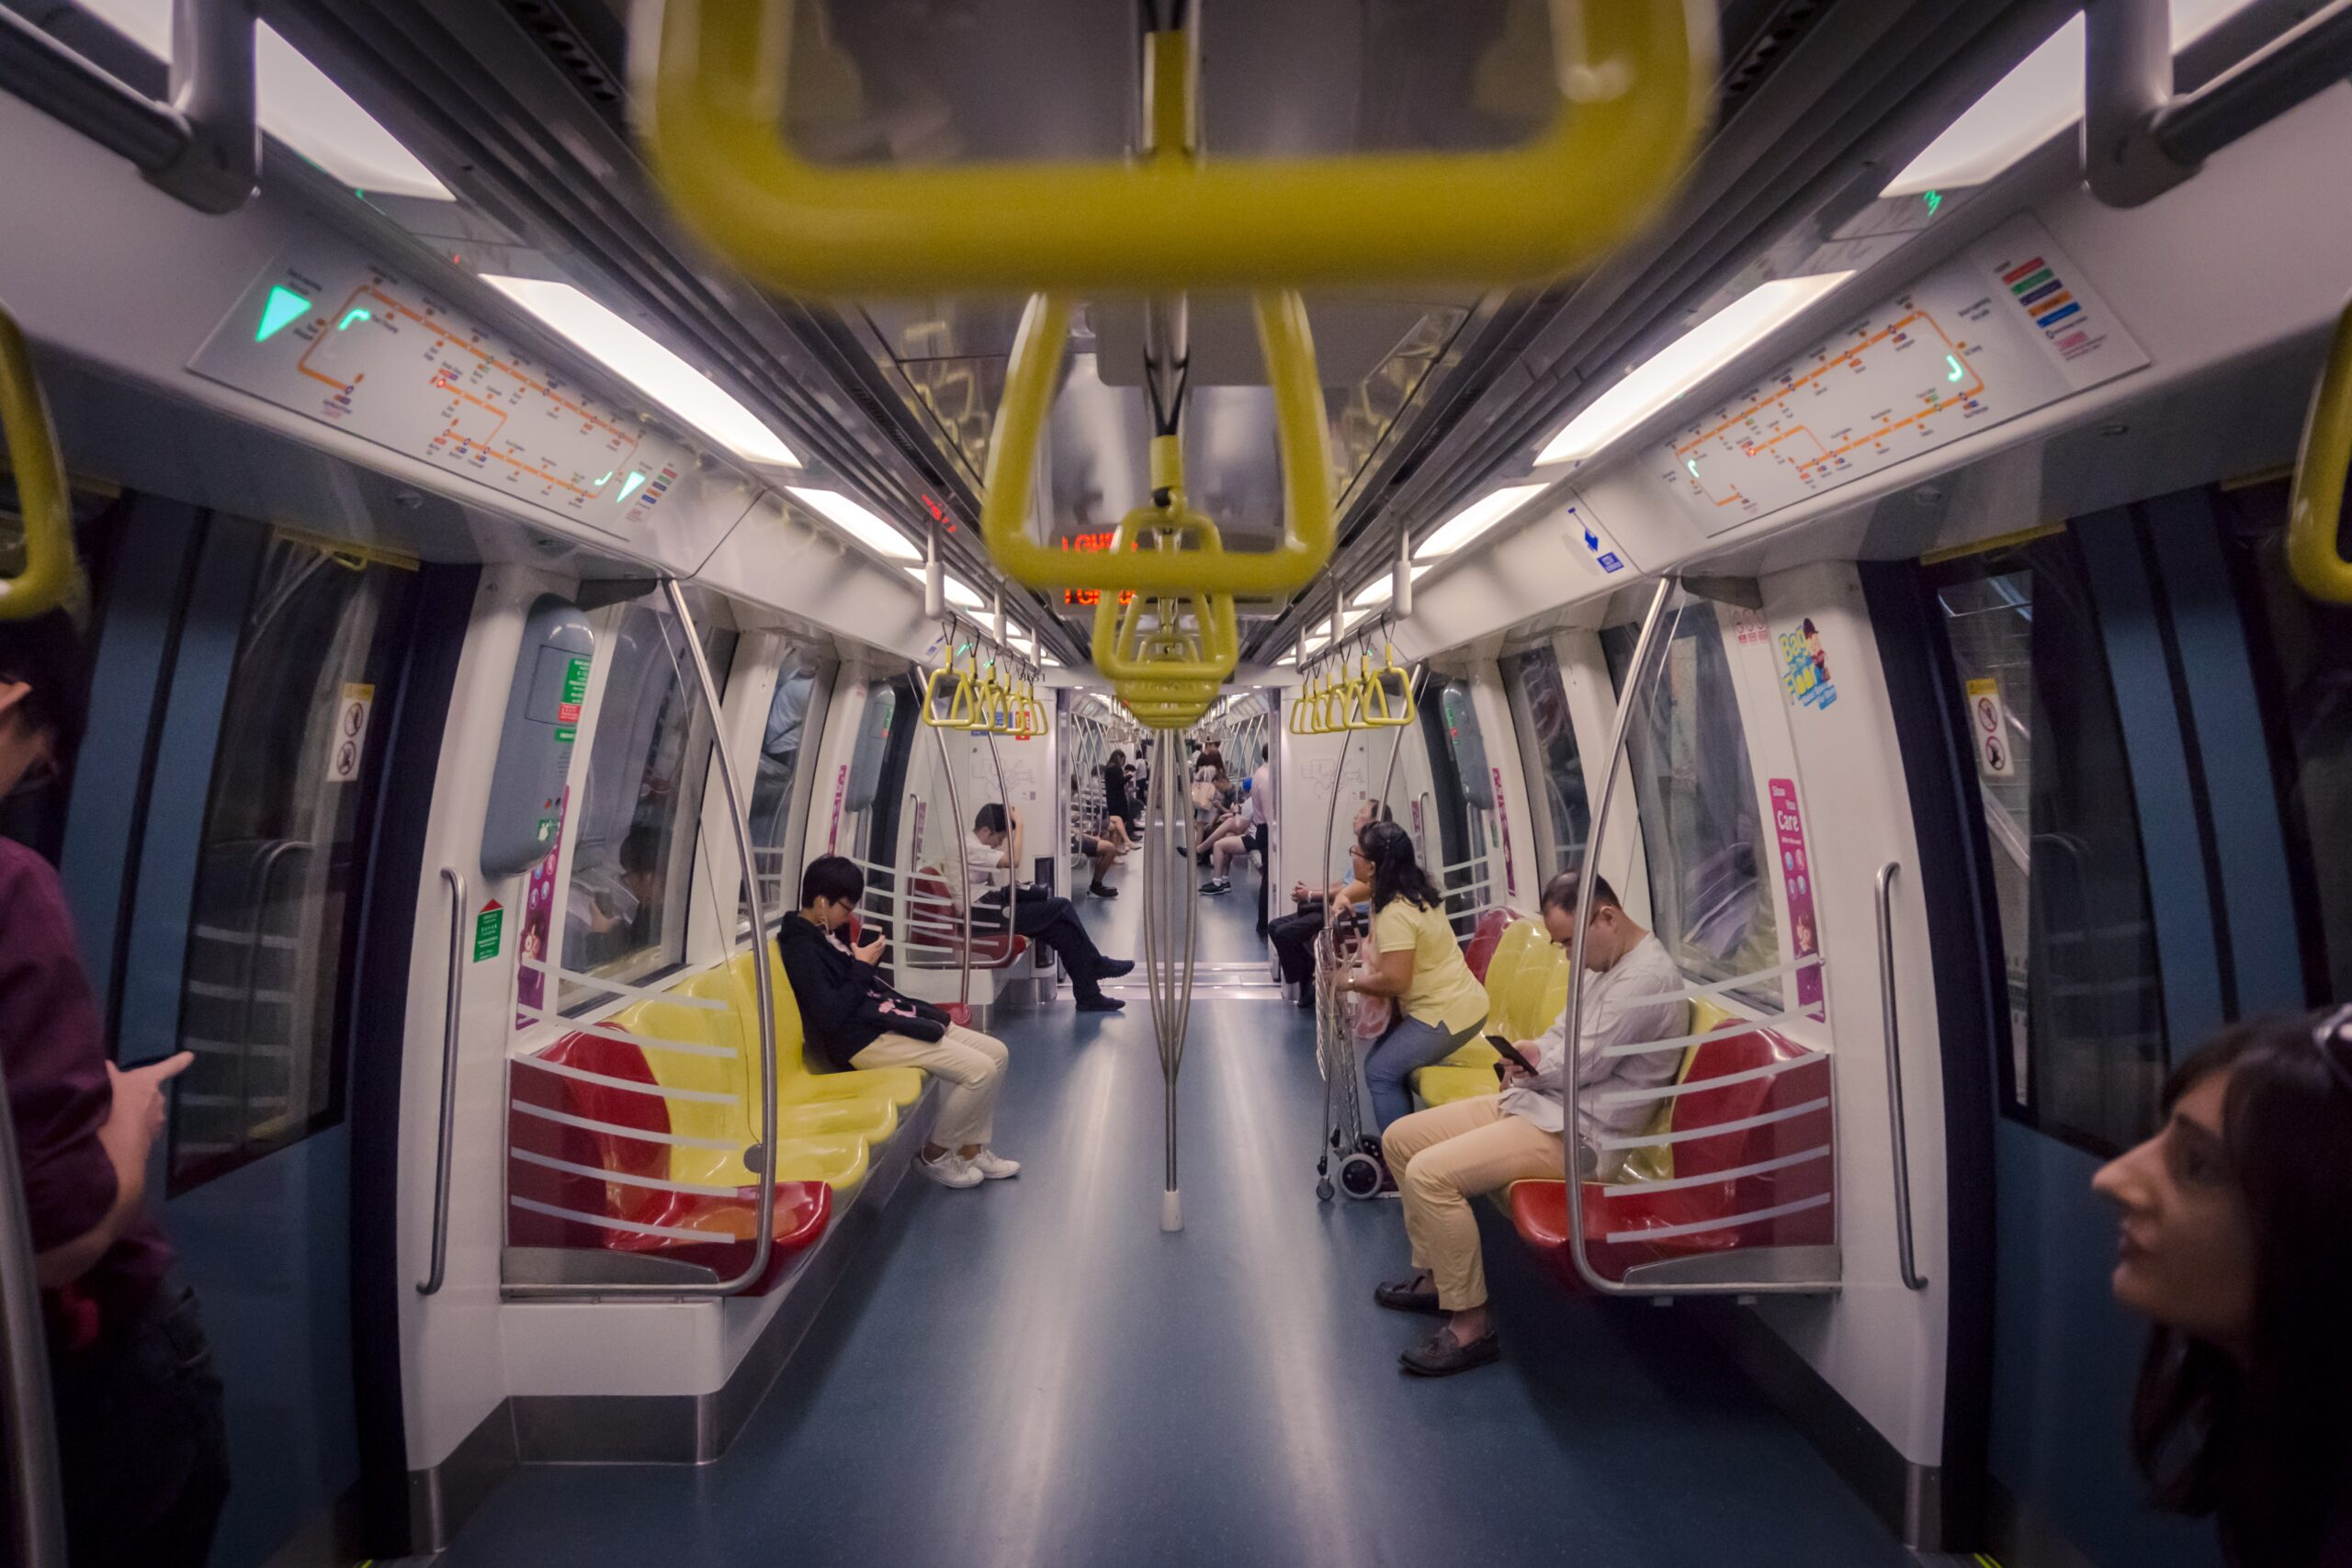 Vagón de metro de Singapur